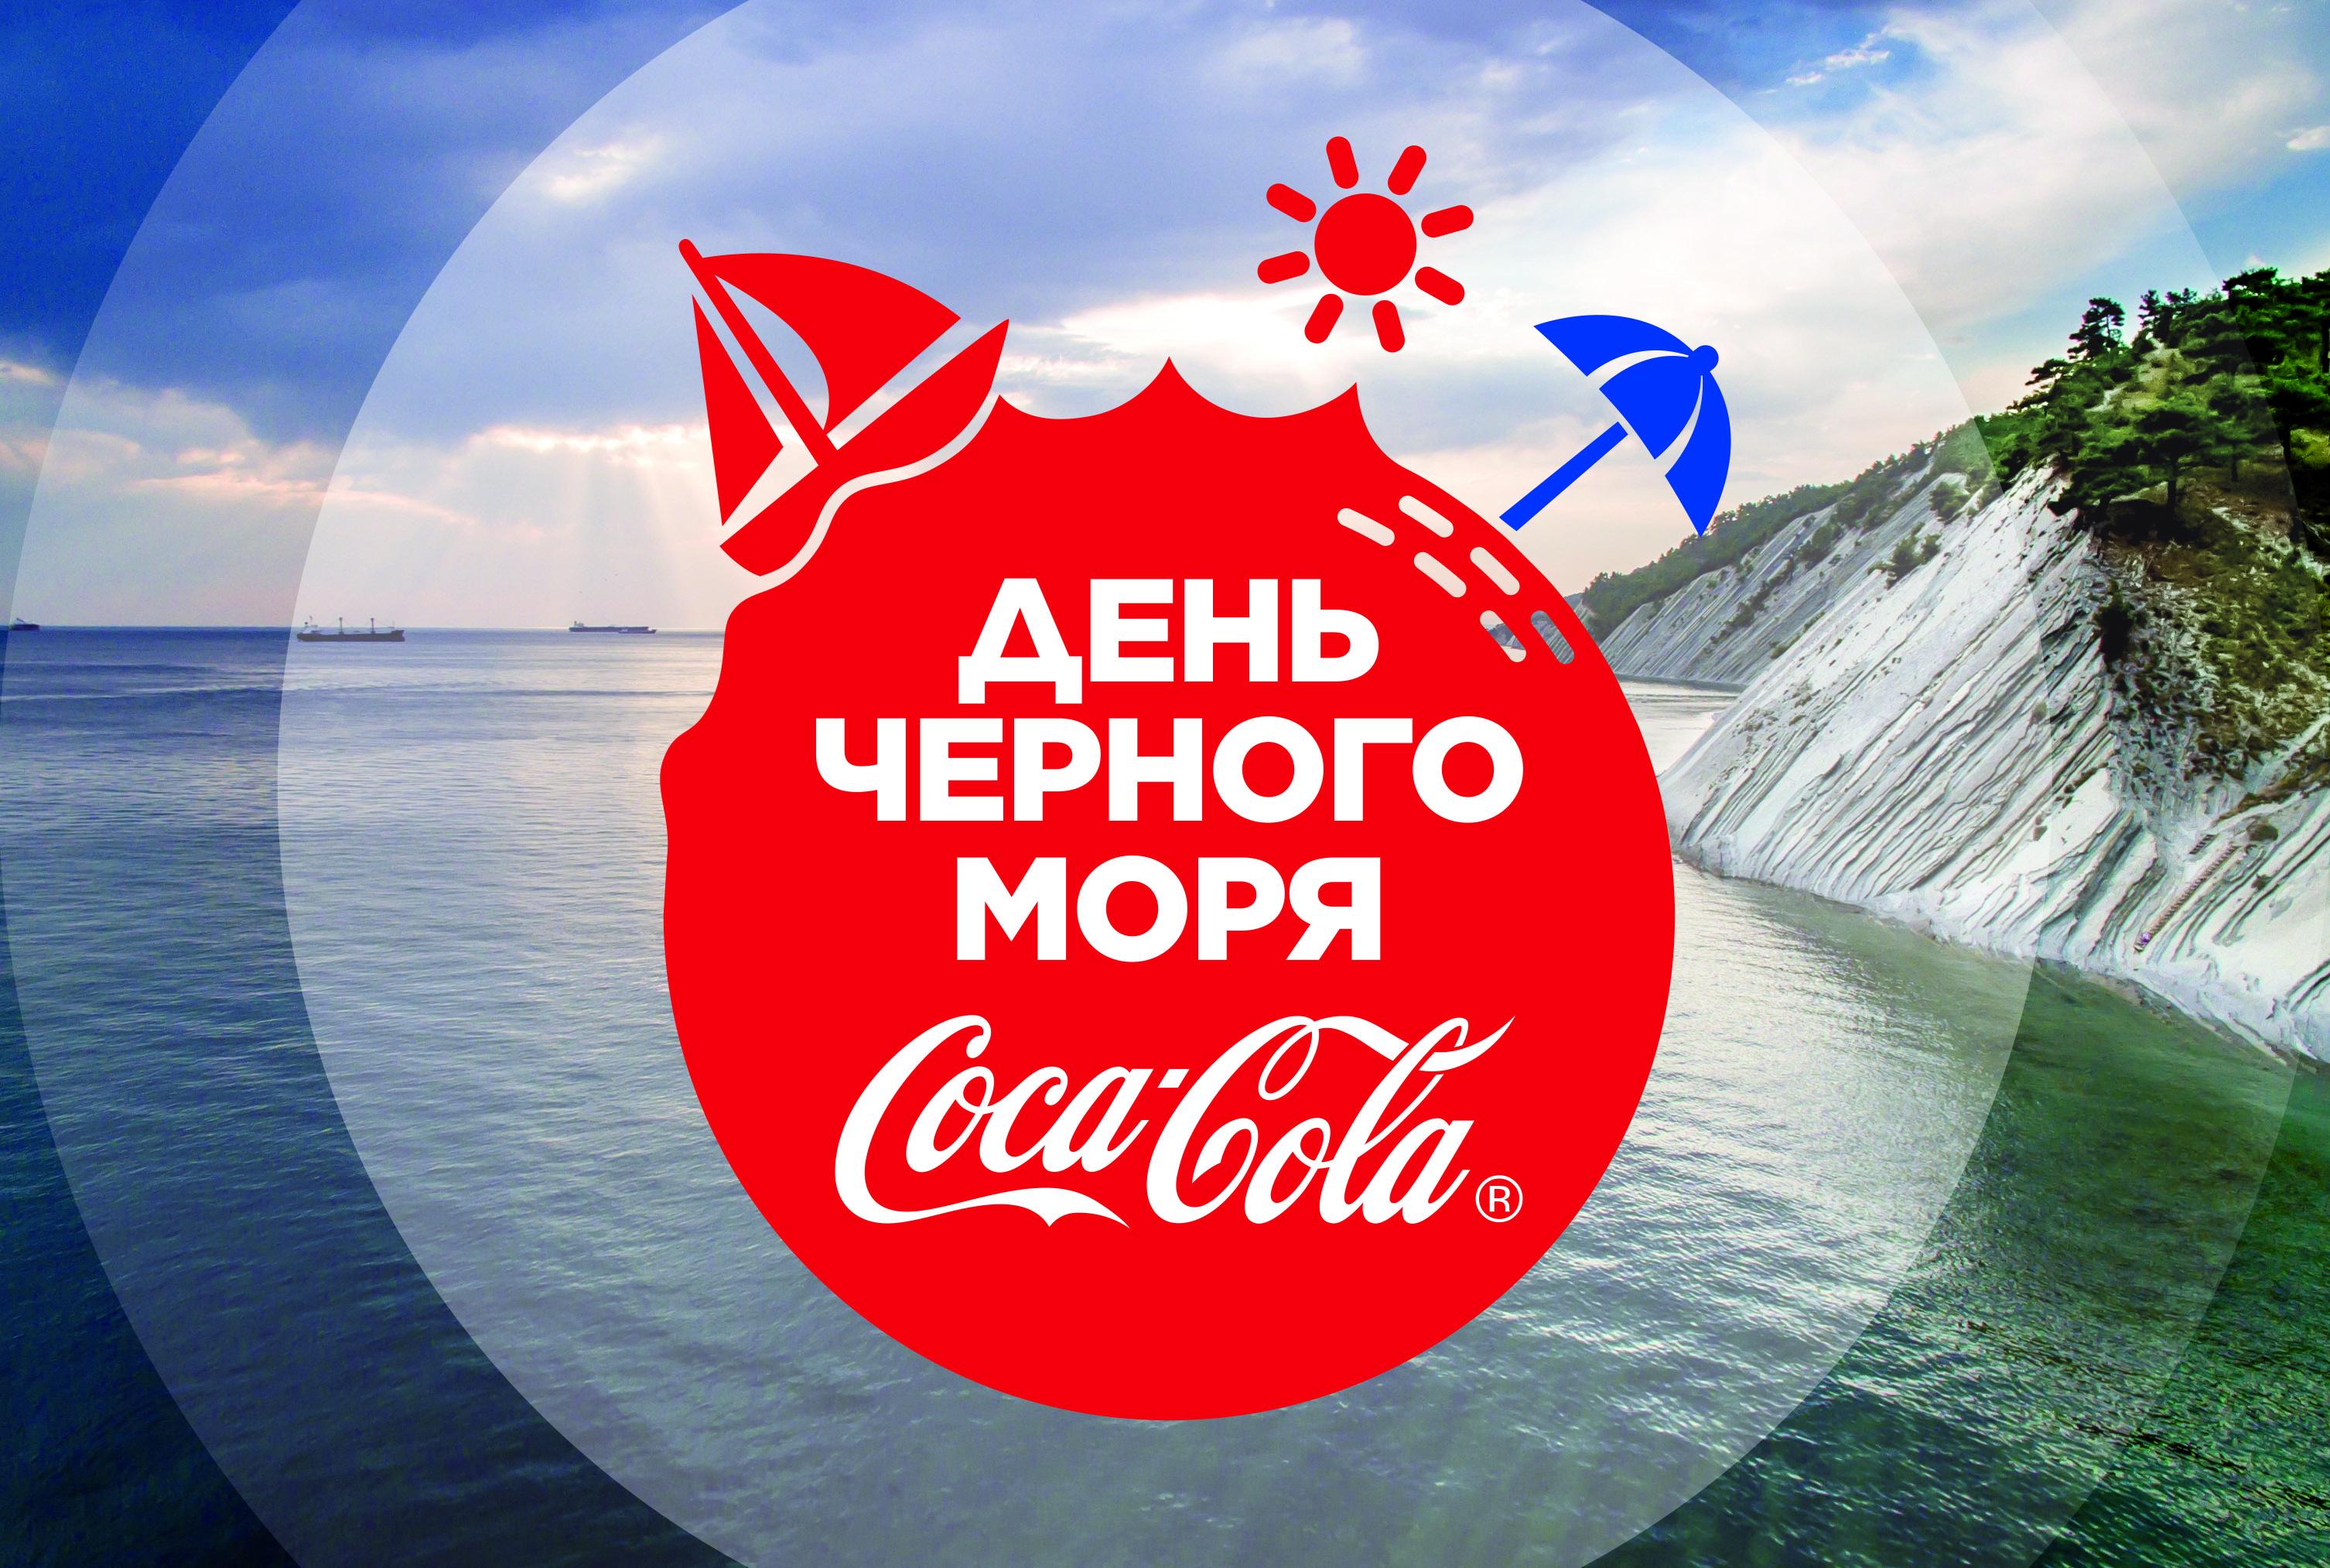 В преддверии Международного дня Черного моря жителей Новороссийска приглашают на праздник «Экодвор» и природоохранную акцию